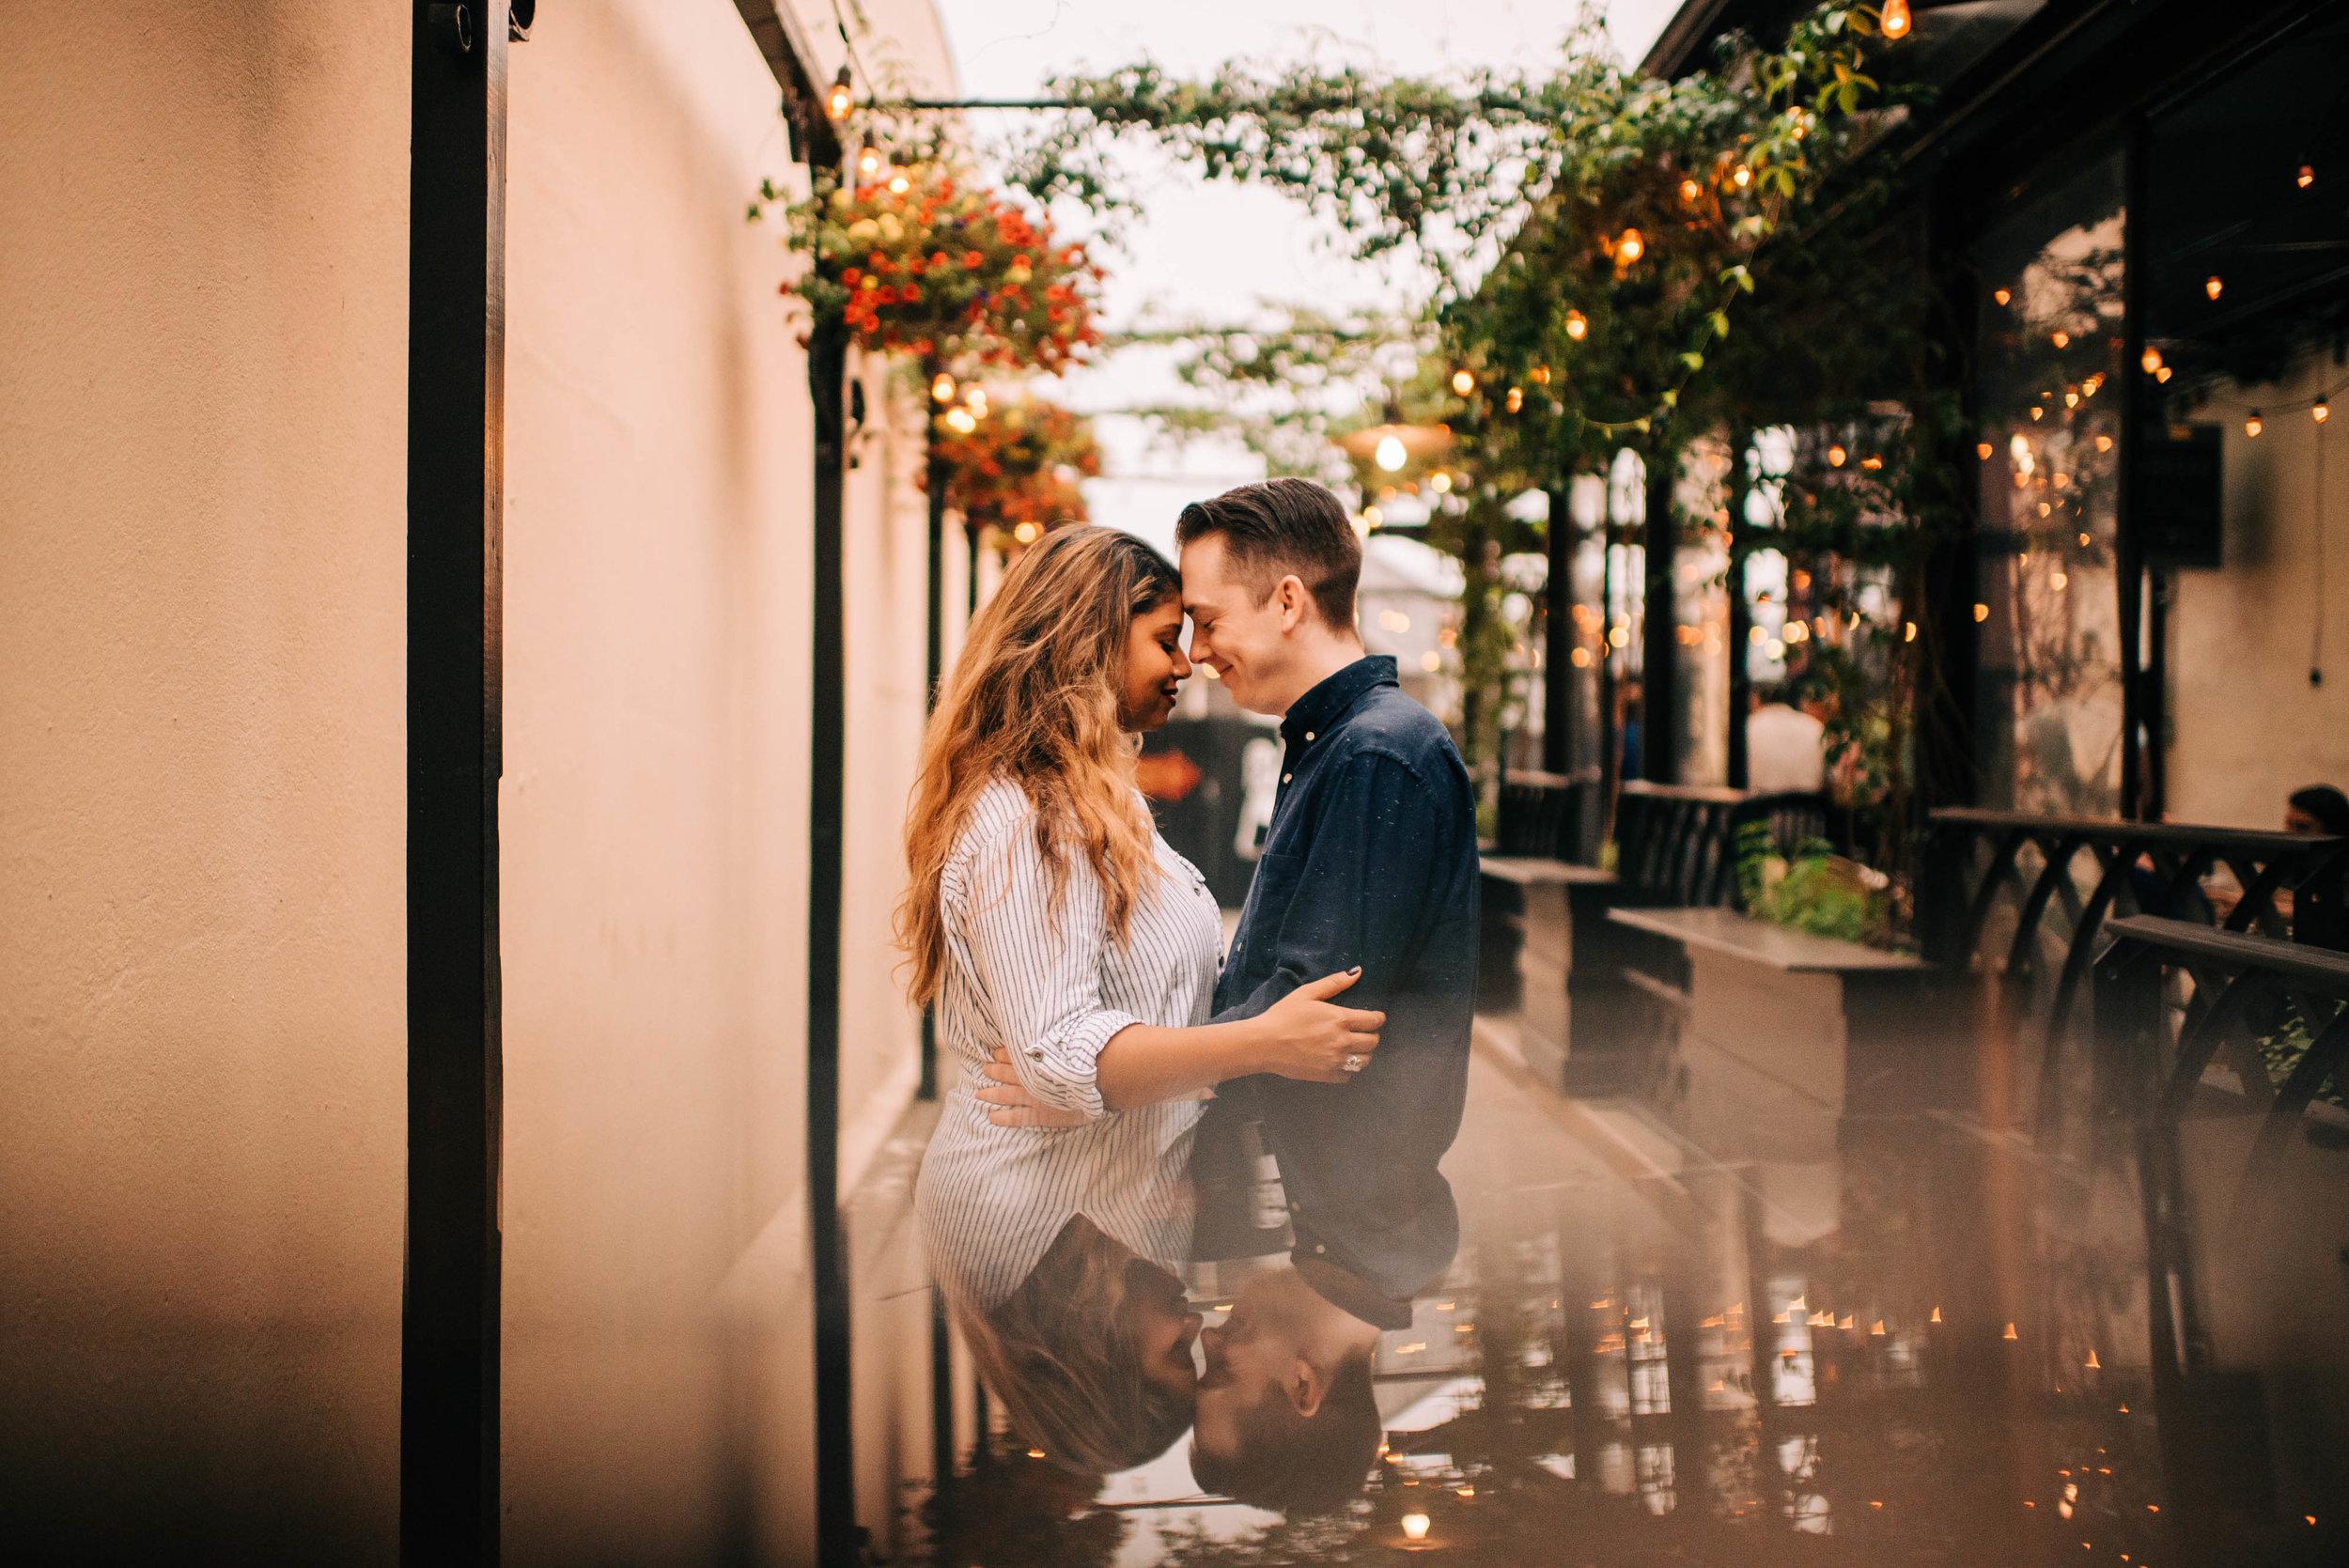 san francisco oakland bay area california sf atlanta georgia seattle washington pnw nontraditional wedding photographer -354.jpg